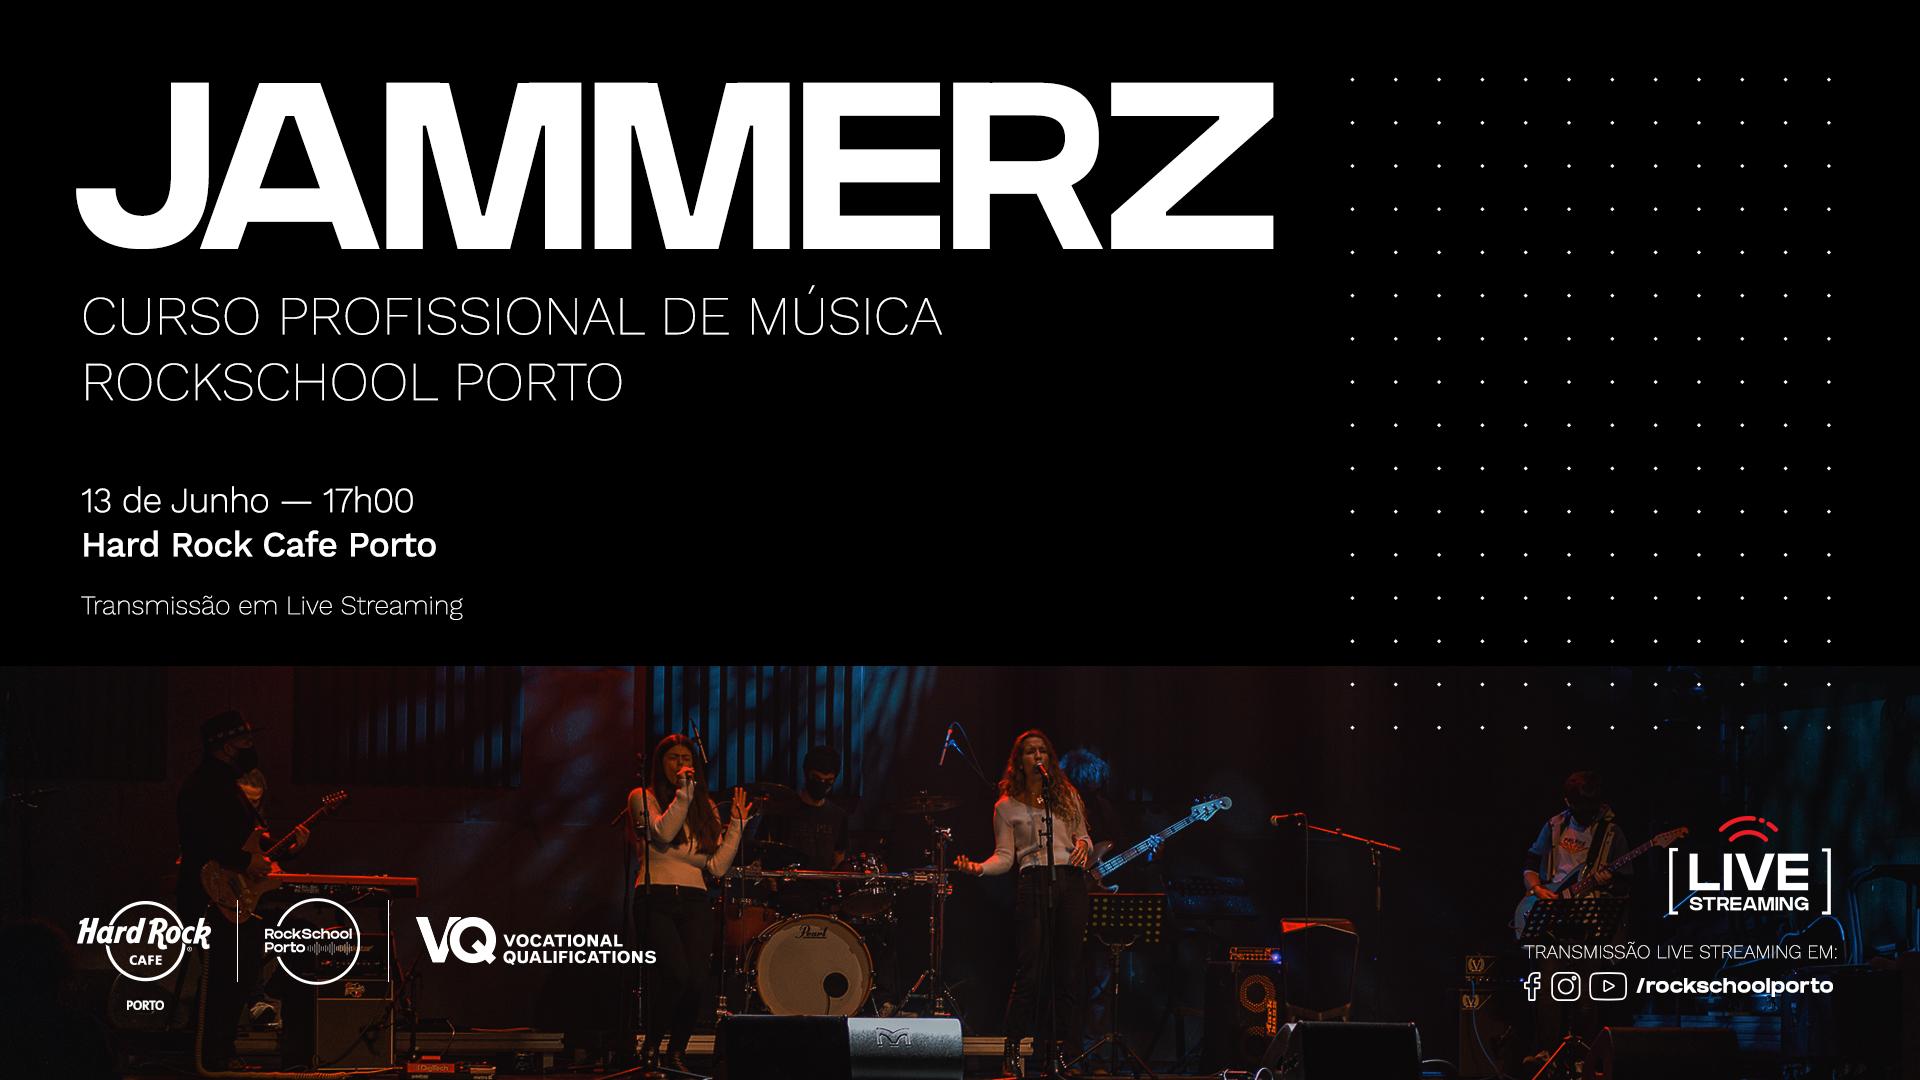 Concerto Online - Apresentação Final | Curso Profissional de Música da RockSchool Porto